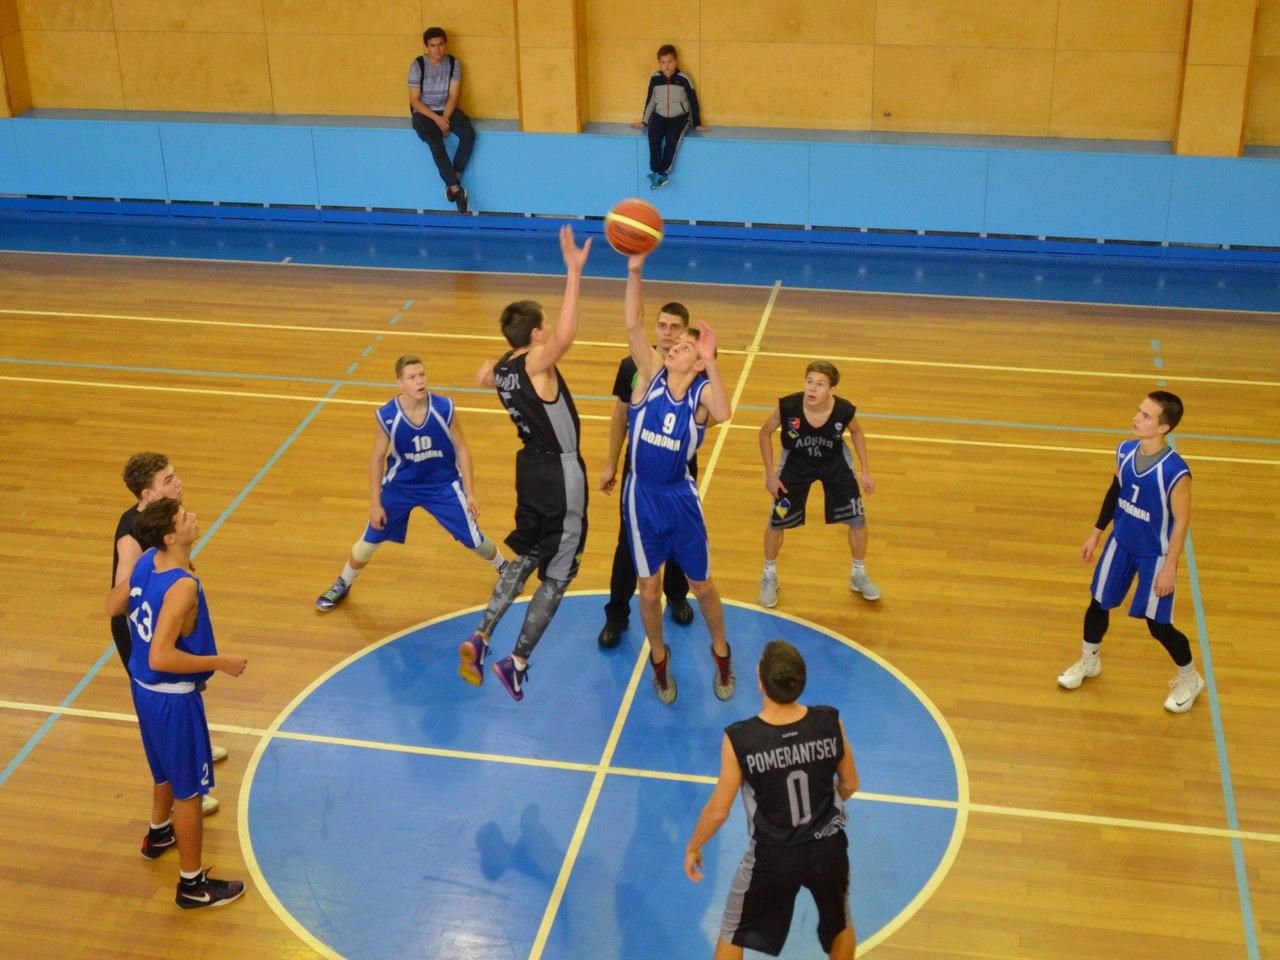 Очередные матчи в рамках Первенства Московской области по баскетболу, фото Коломна Спорт